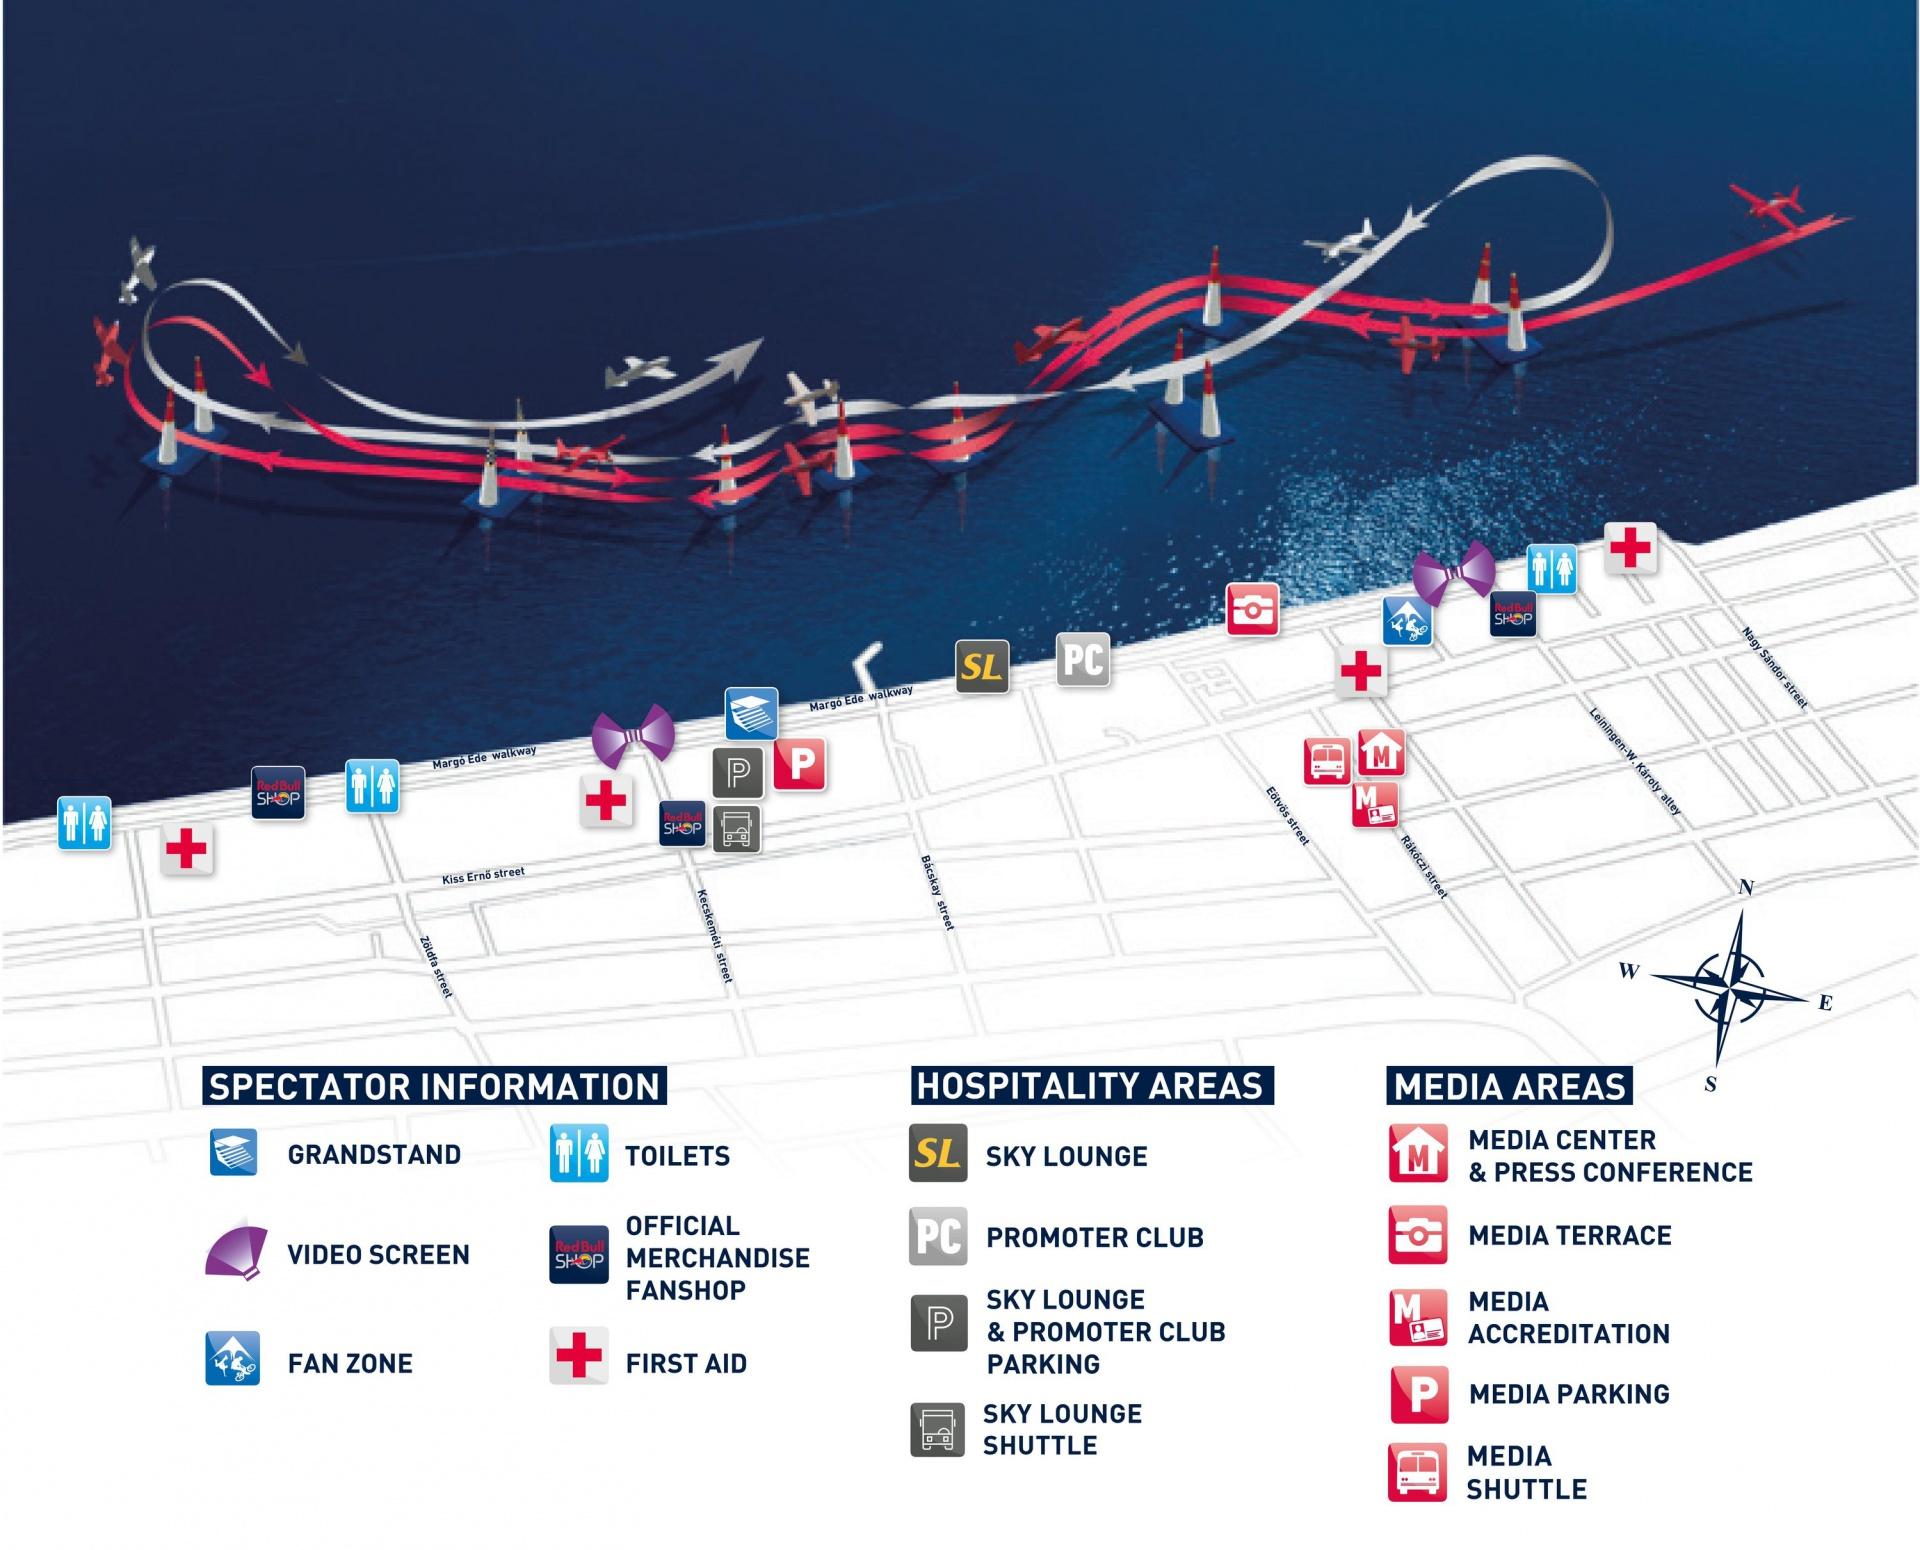 Szombaton Kezdodik A Red Bull Air Race Zamardiban Itt A Pontos